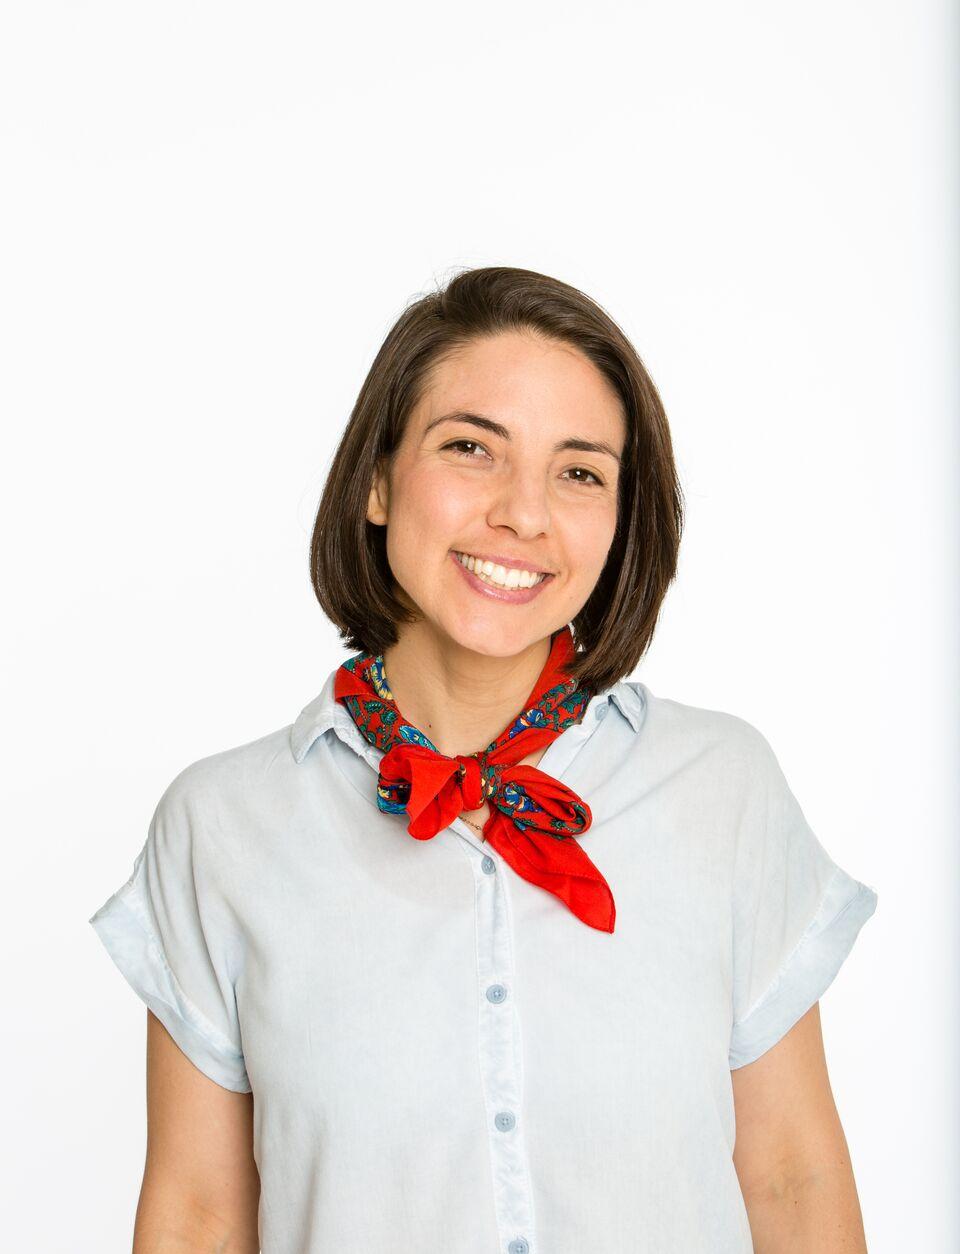 Leah Rose Gallegos